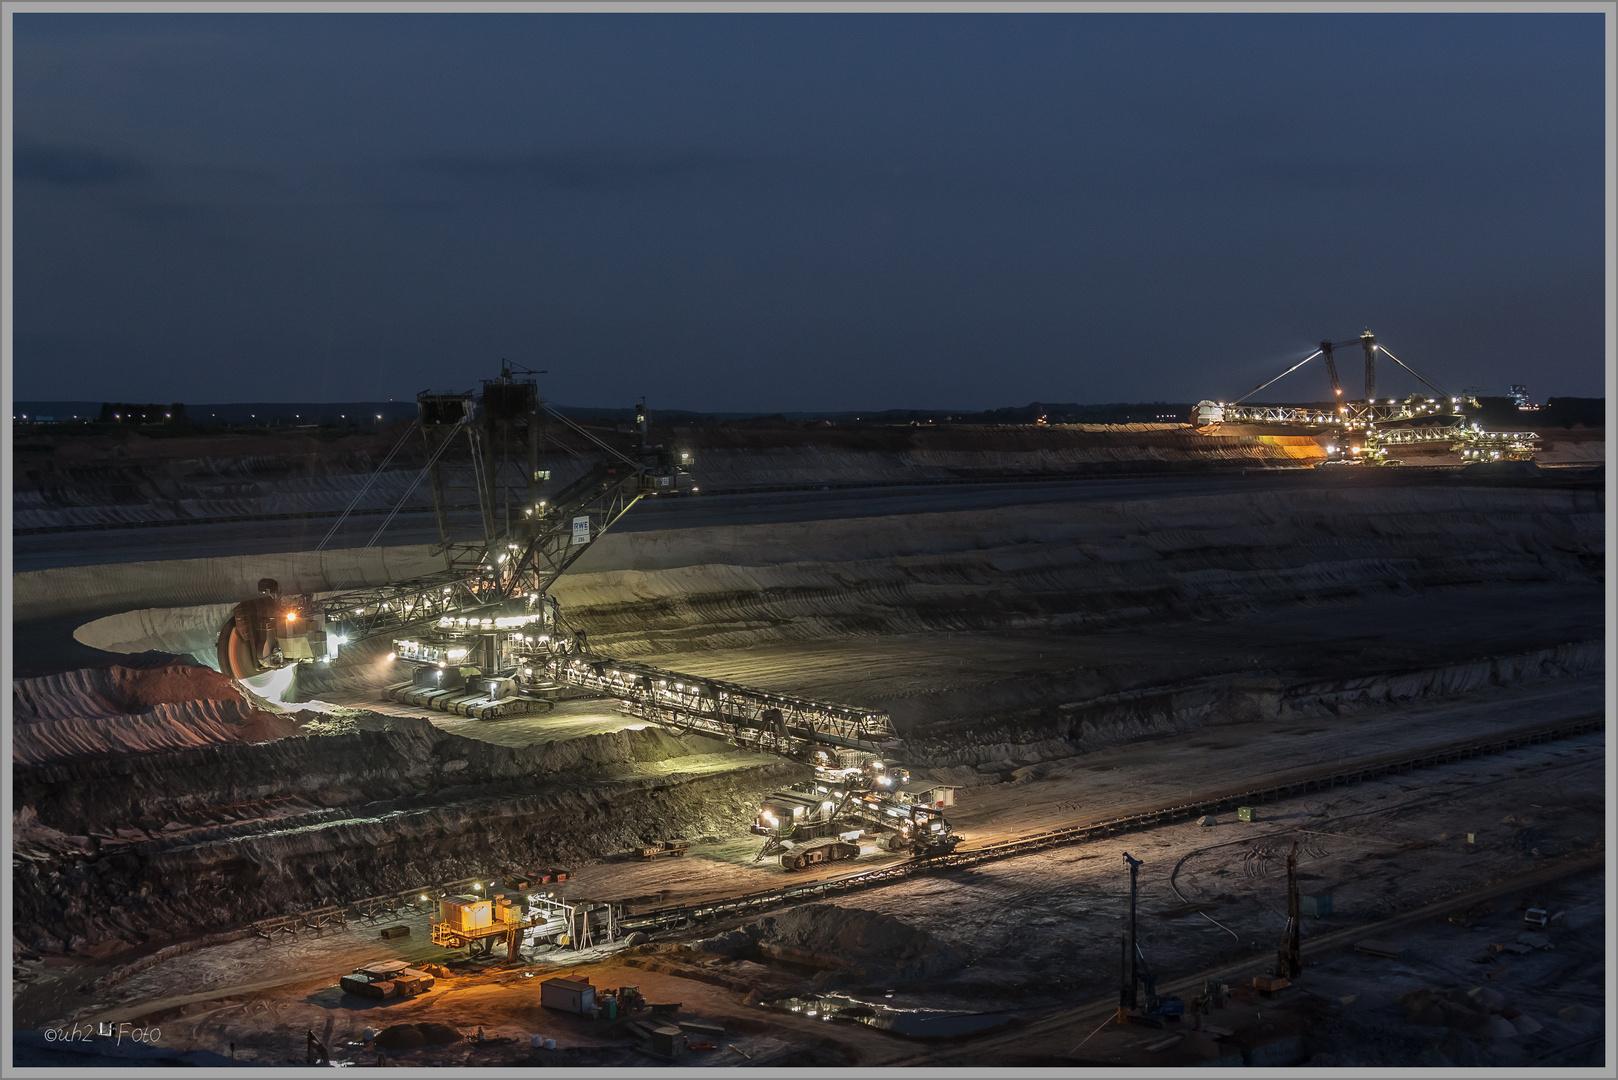 Tagebau bei Nacht#01